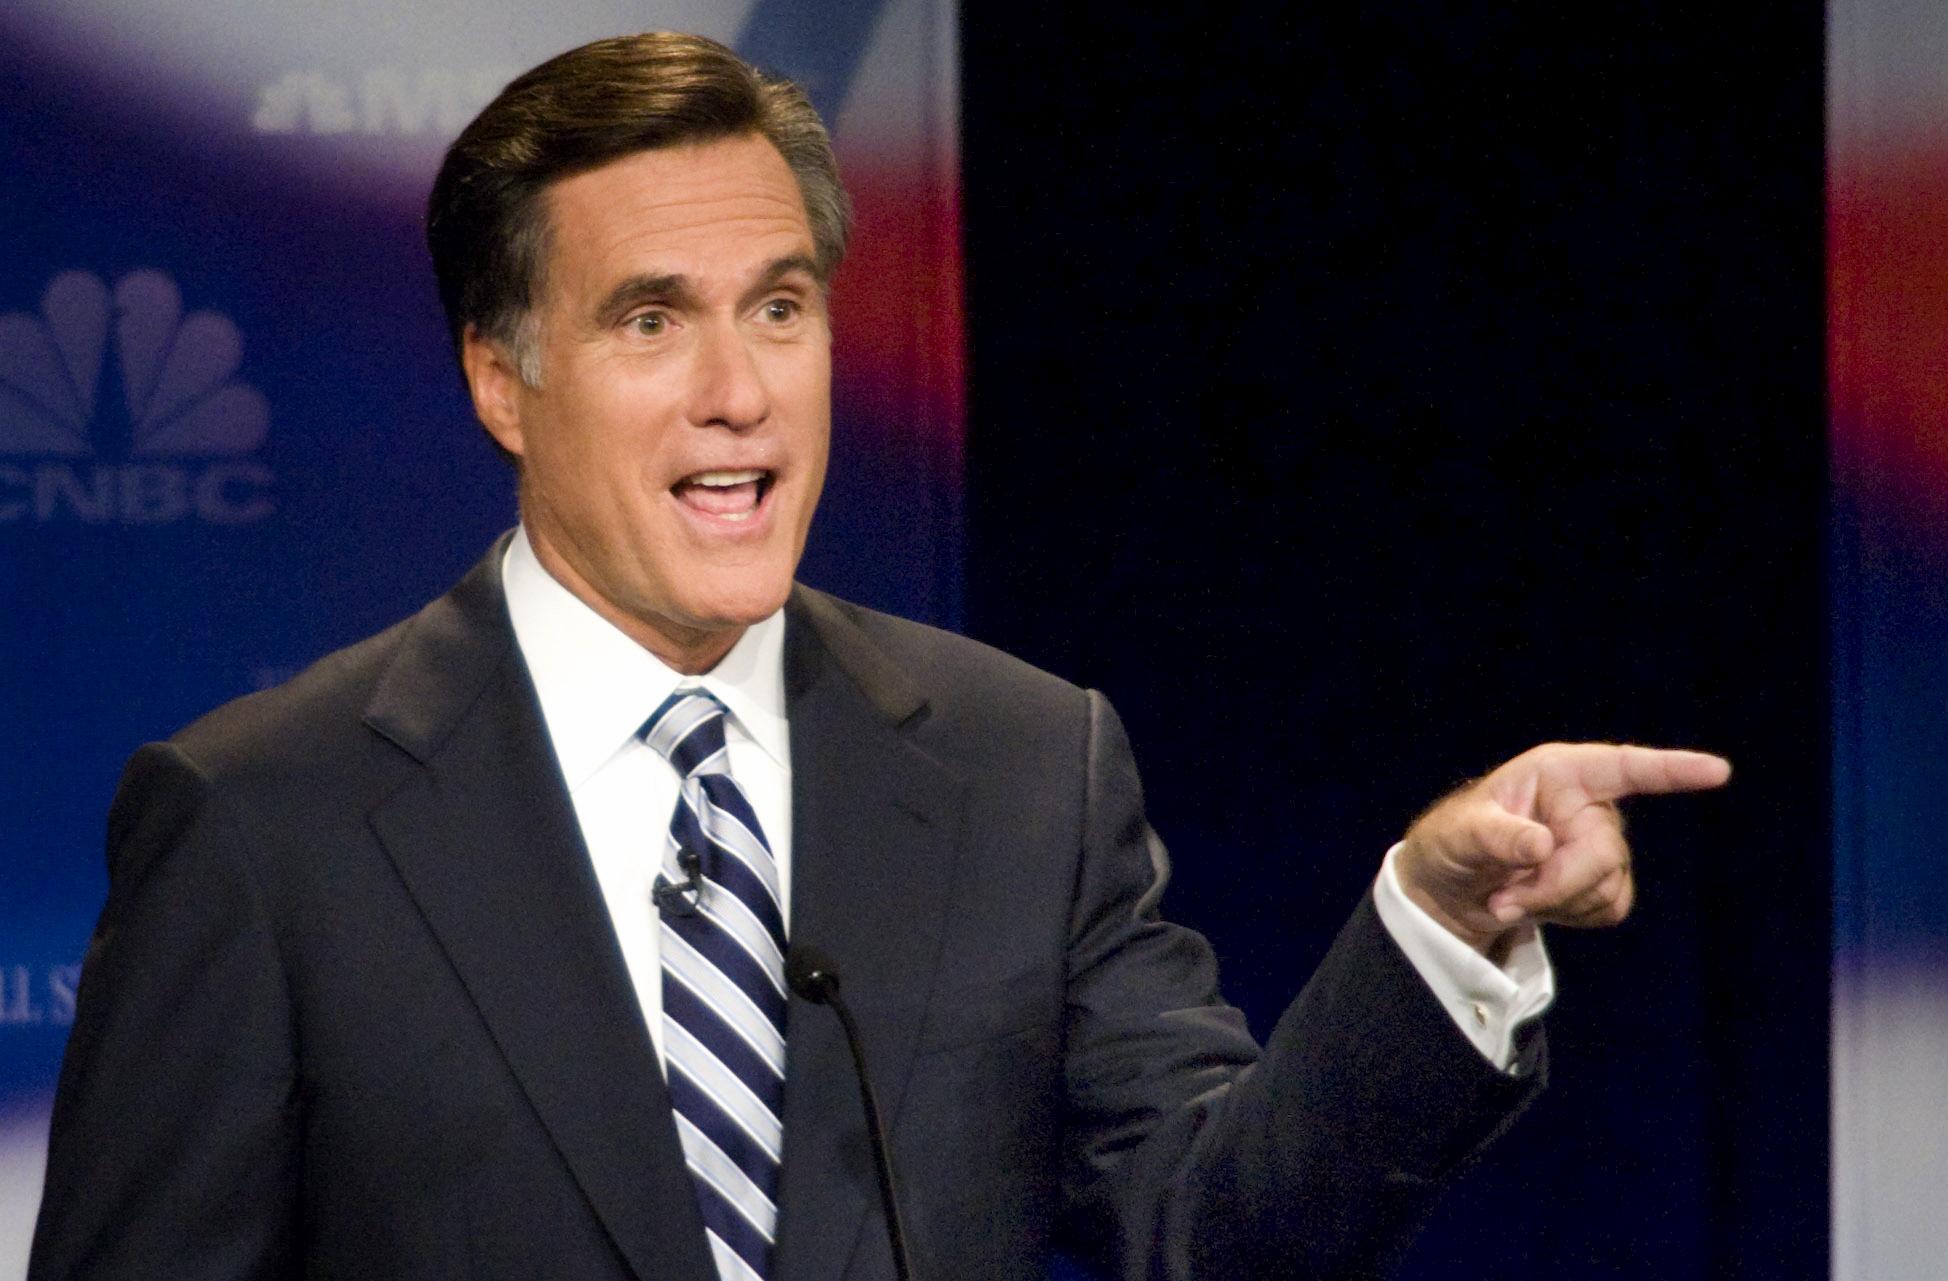 Romney-pointing-right.jpg